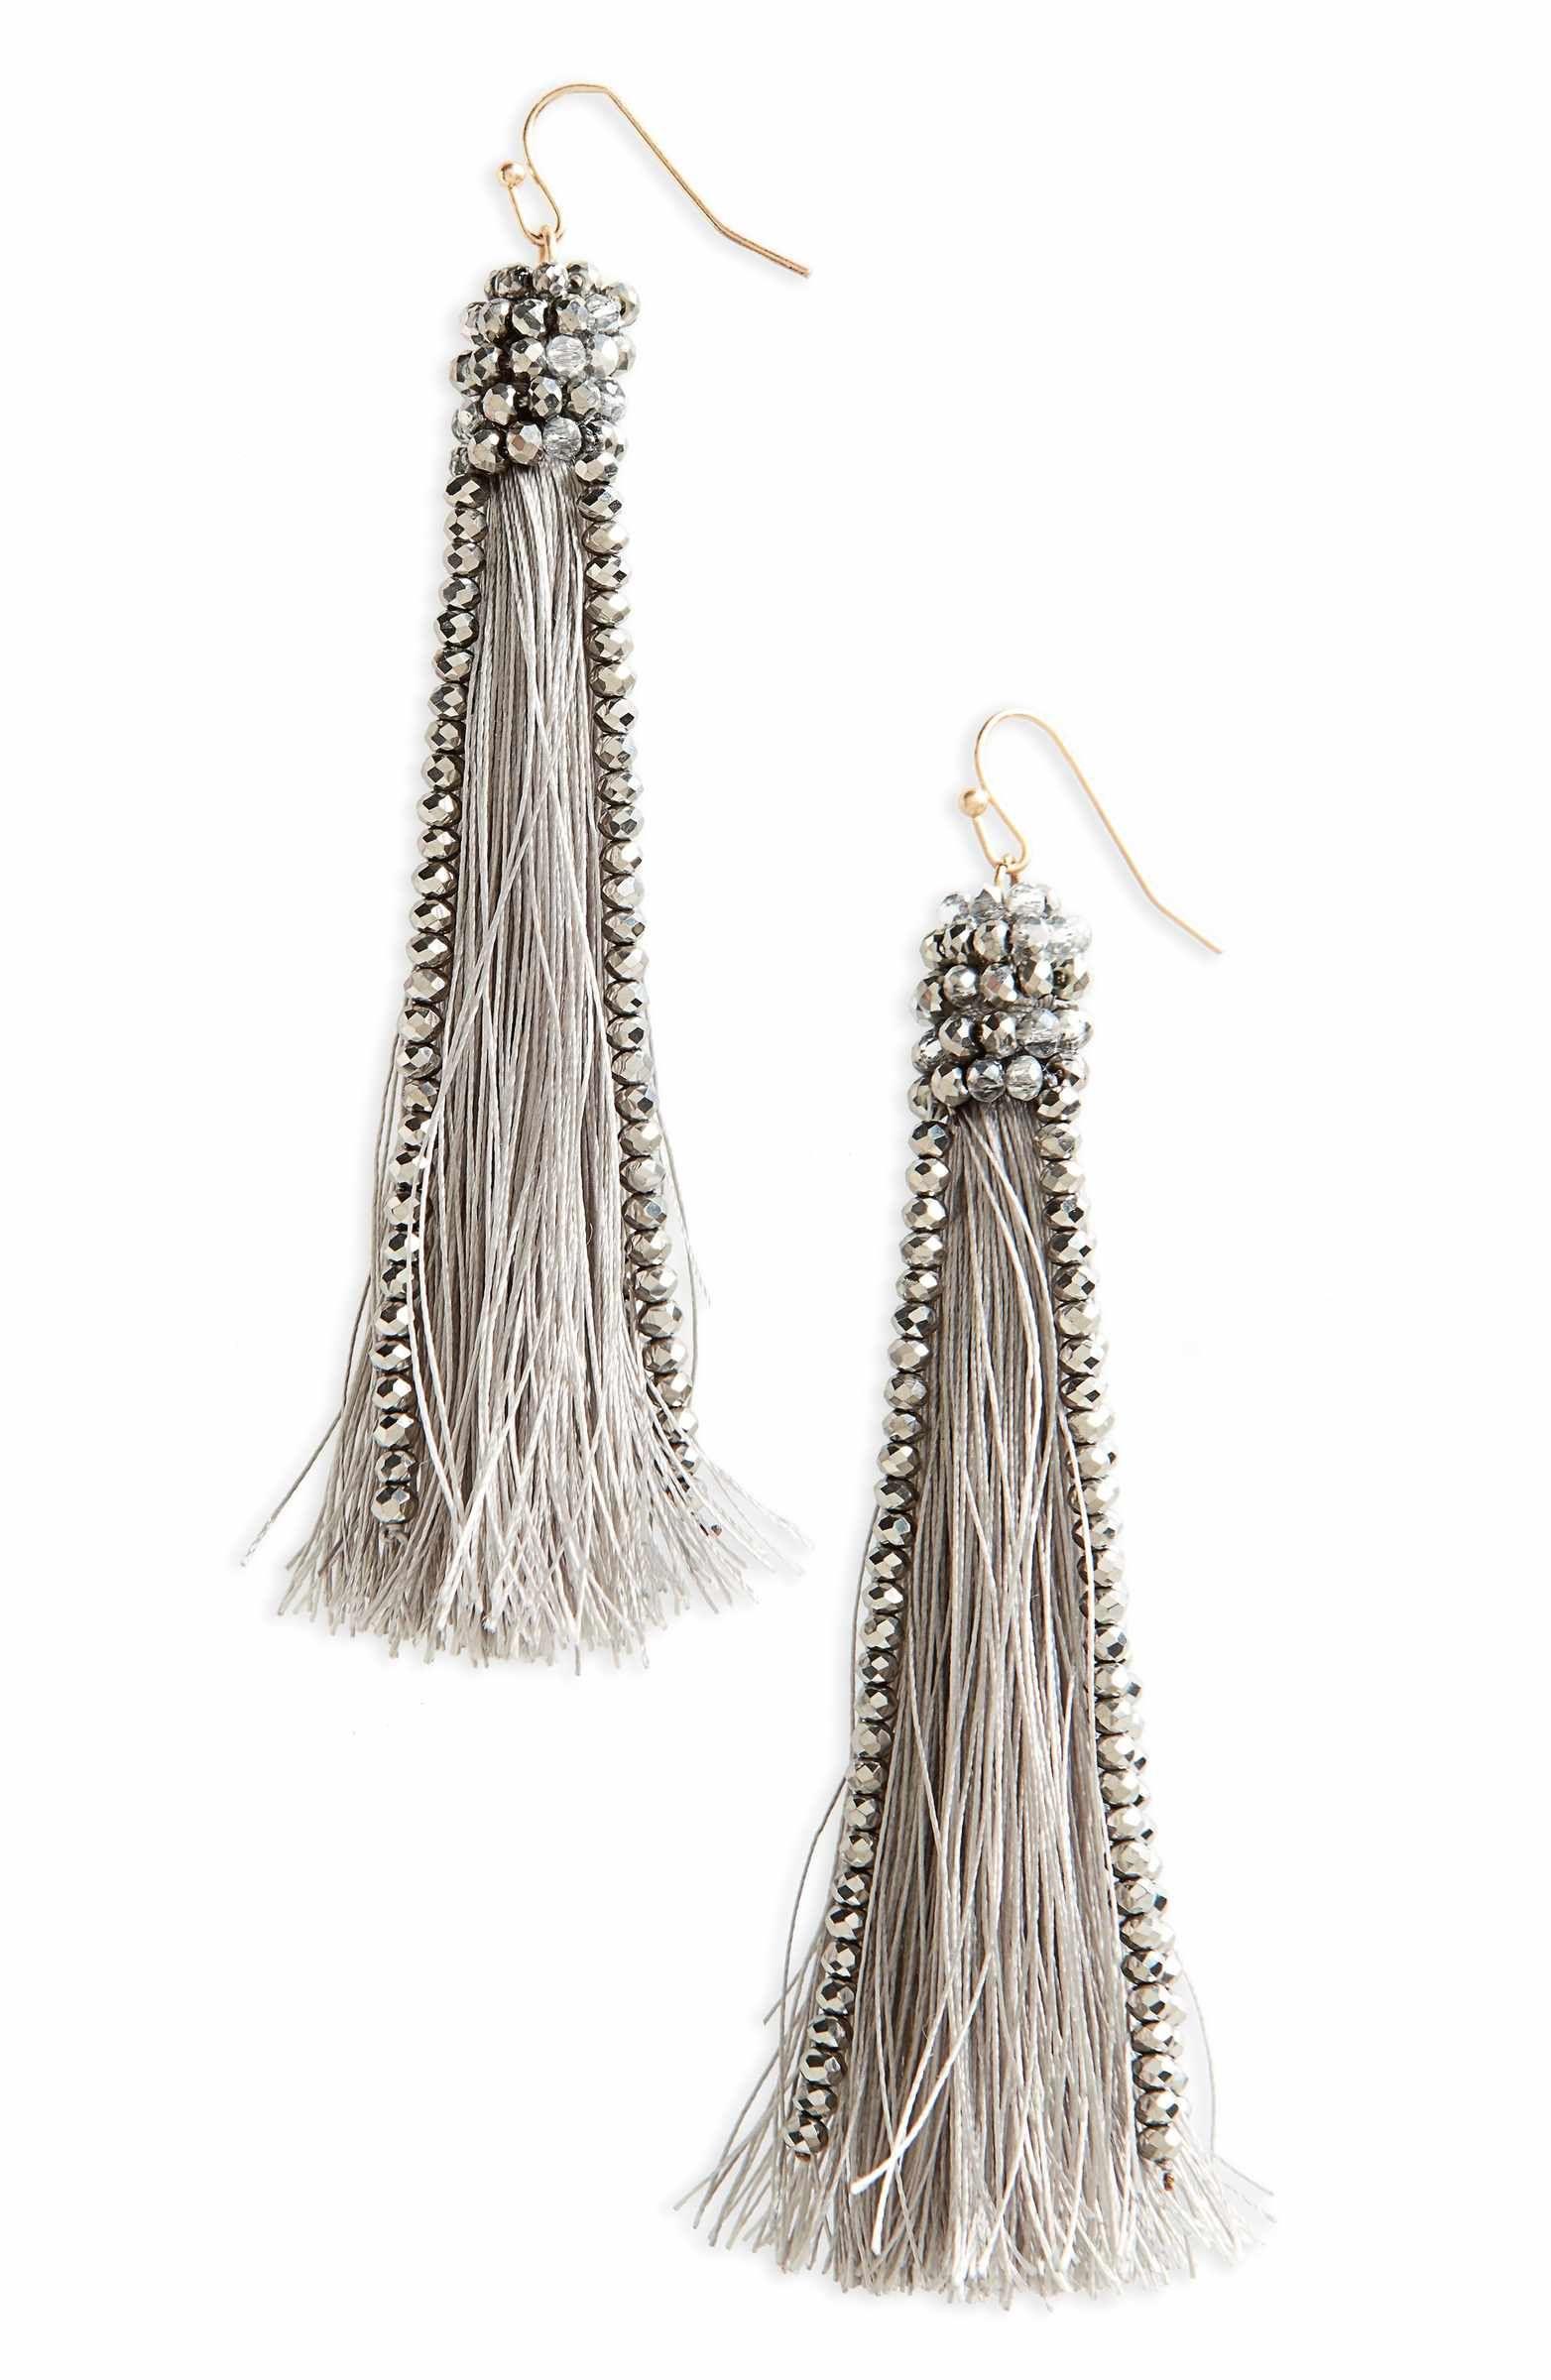 70249bca4d6a5 Main Image - Panacea Beaded Tassel Earrings   Jewelry   Beaded ...